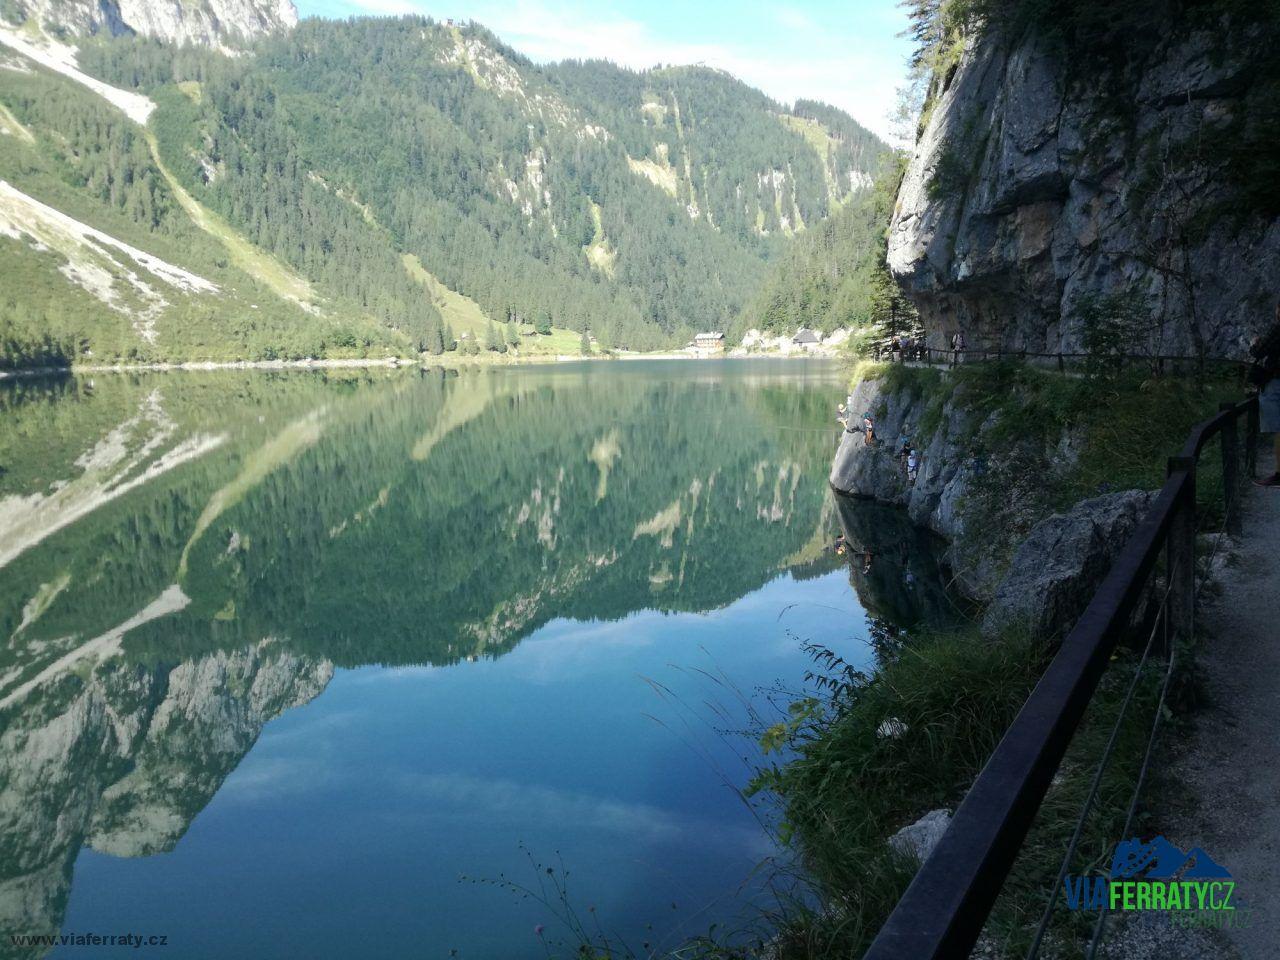 Laserer Alpin Klettersteig : Laserer alpin klettersteig viaferraty.cz